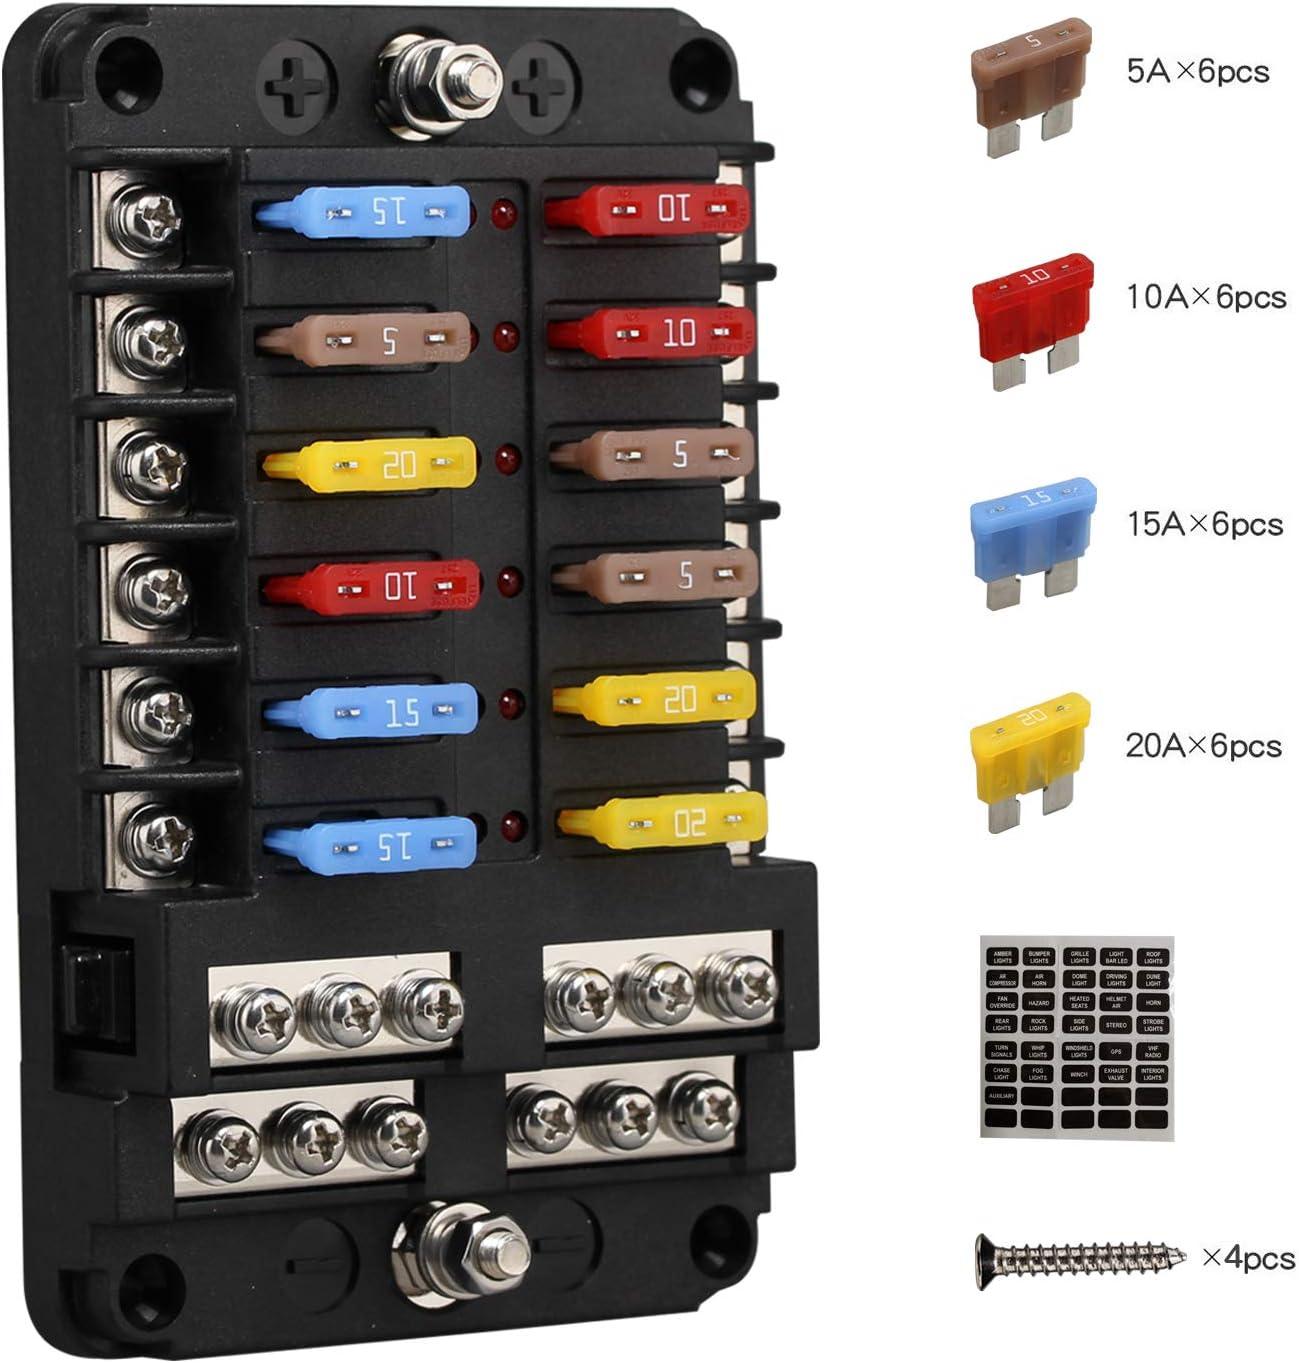 Porta Fusibles Plano ATC/ATO, Caja Fusibles Coche ENDARK, Cuadro Fusibles Coche de 12 vías con Indicador LED de Bus Negativo para coche, barco, furgoneta, SUV